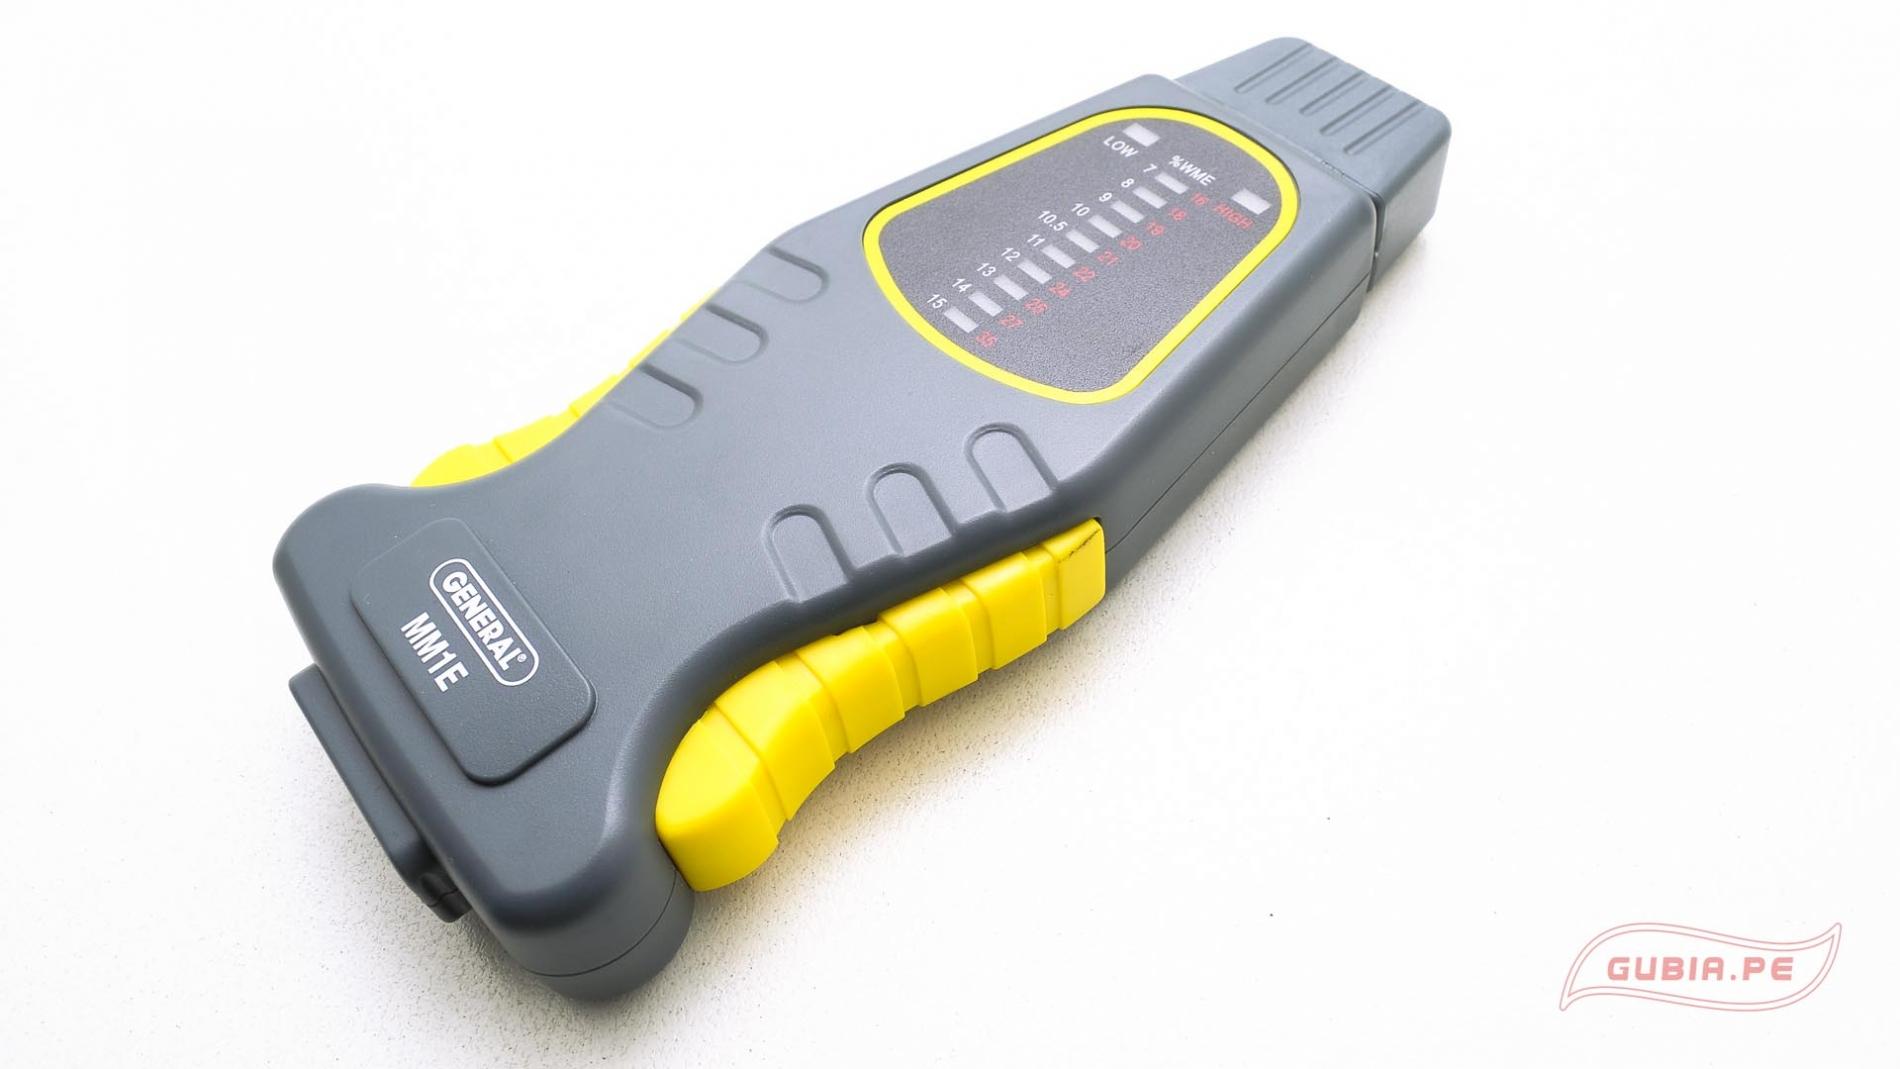 MM1E-Medidor de la humedad de la madera LED General Tools MM1E-max-2.